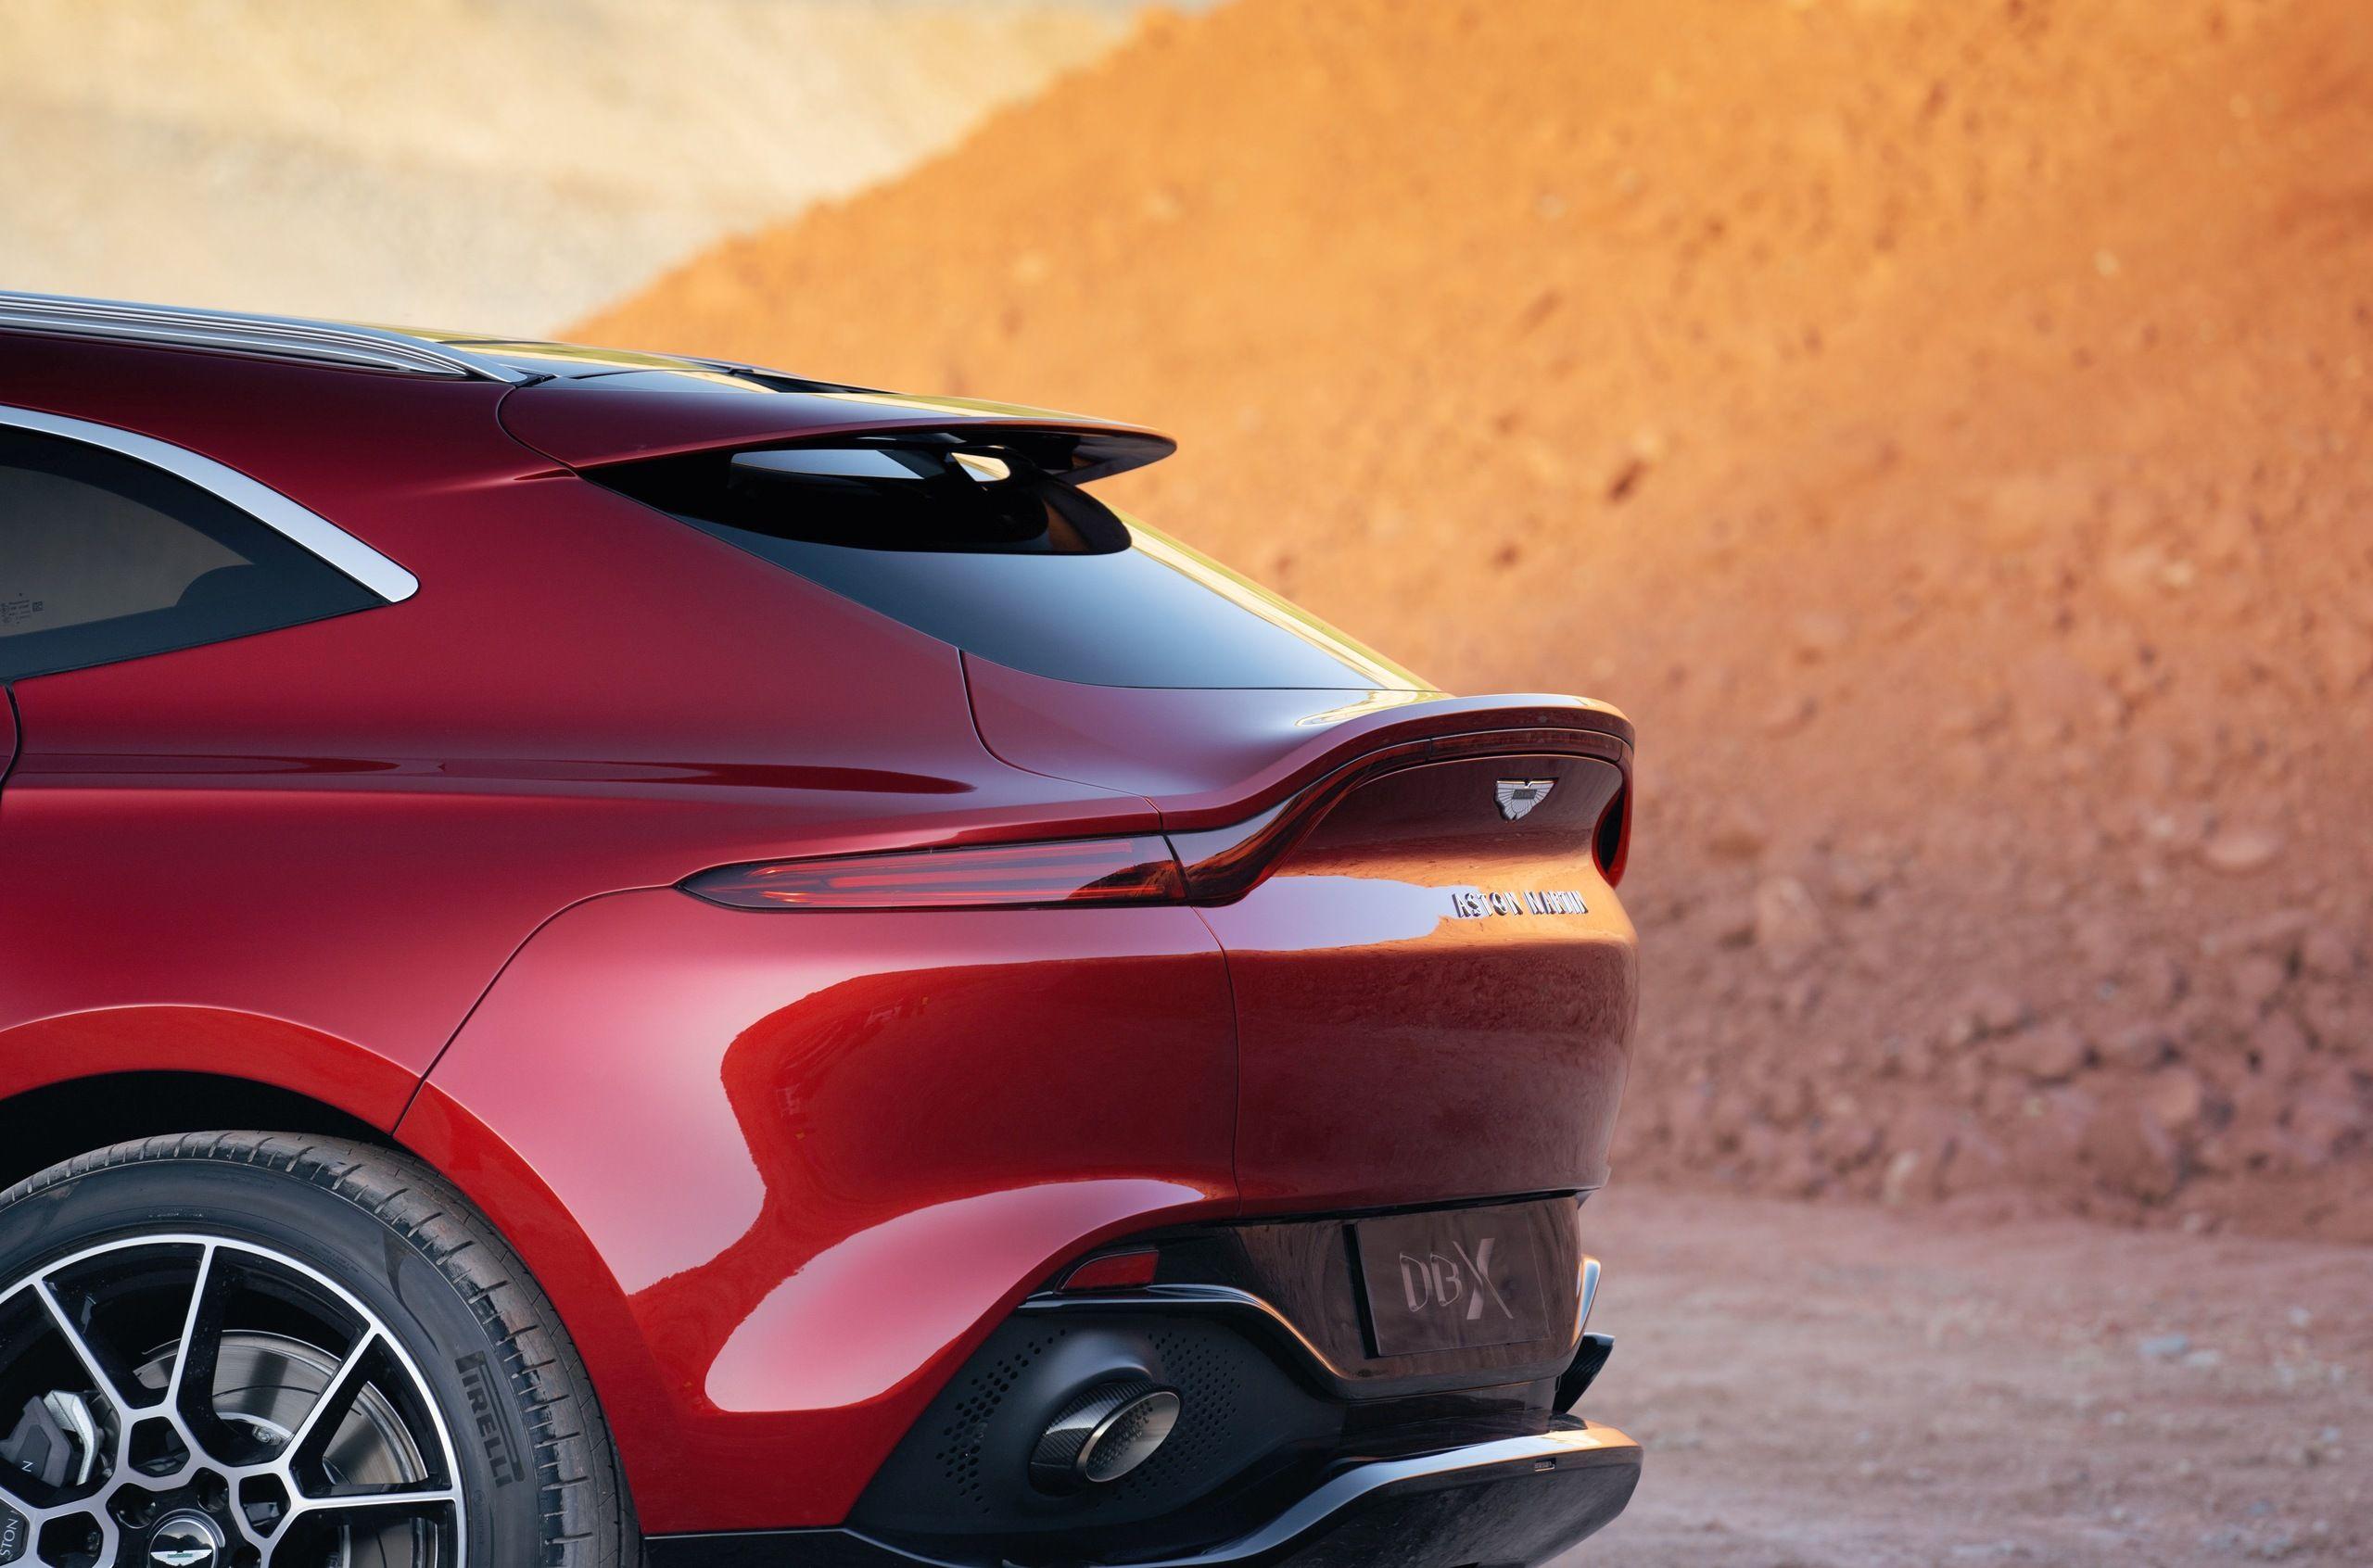 Розкішний кросовер Aston Martin DBX незабаром з'явиться в Україні